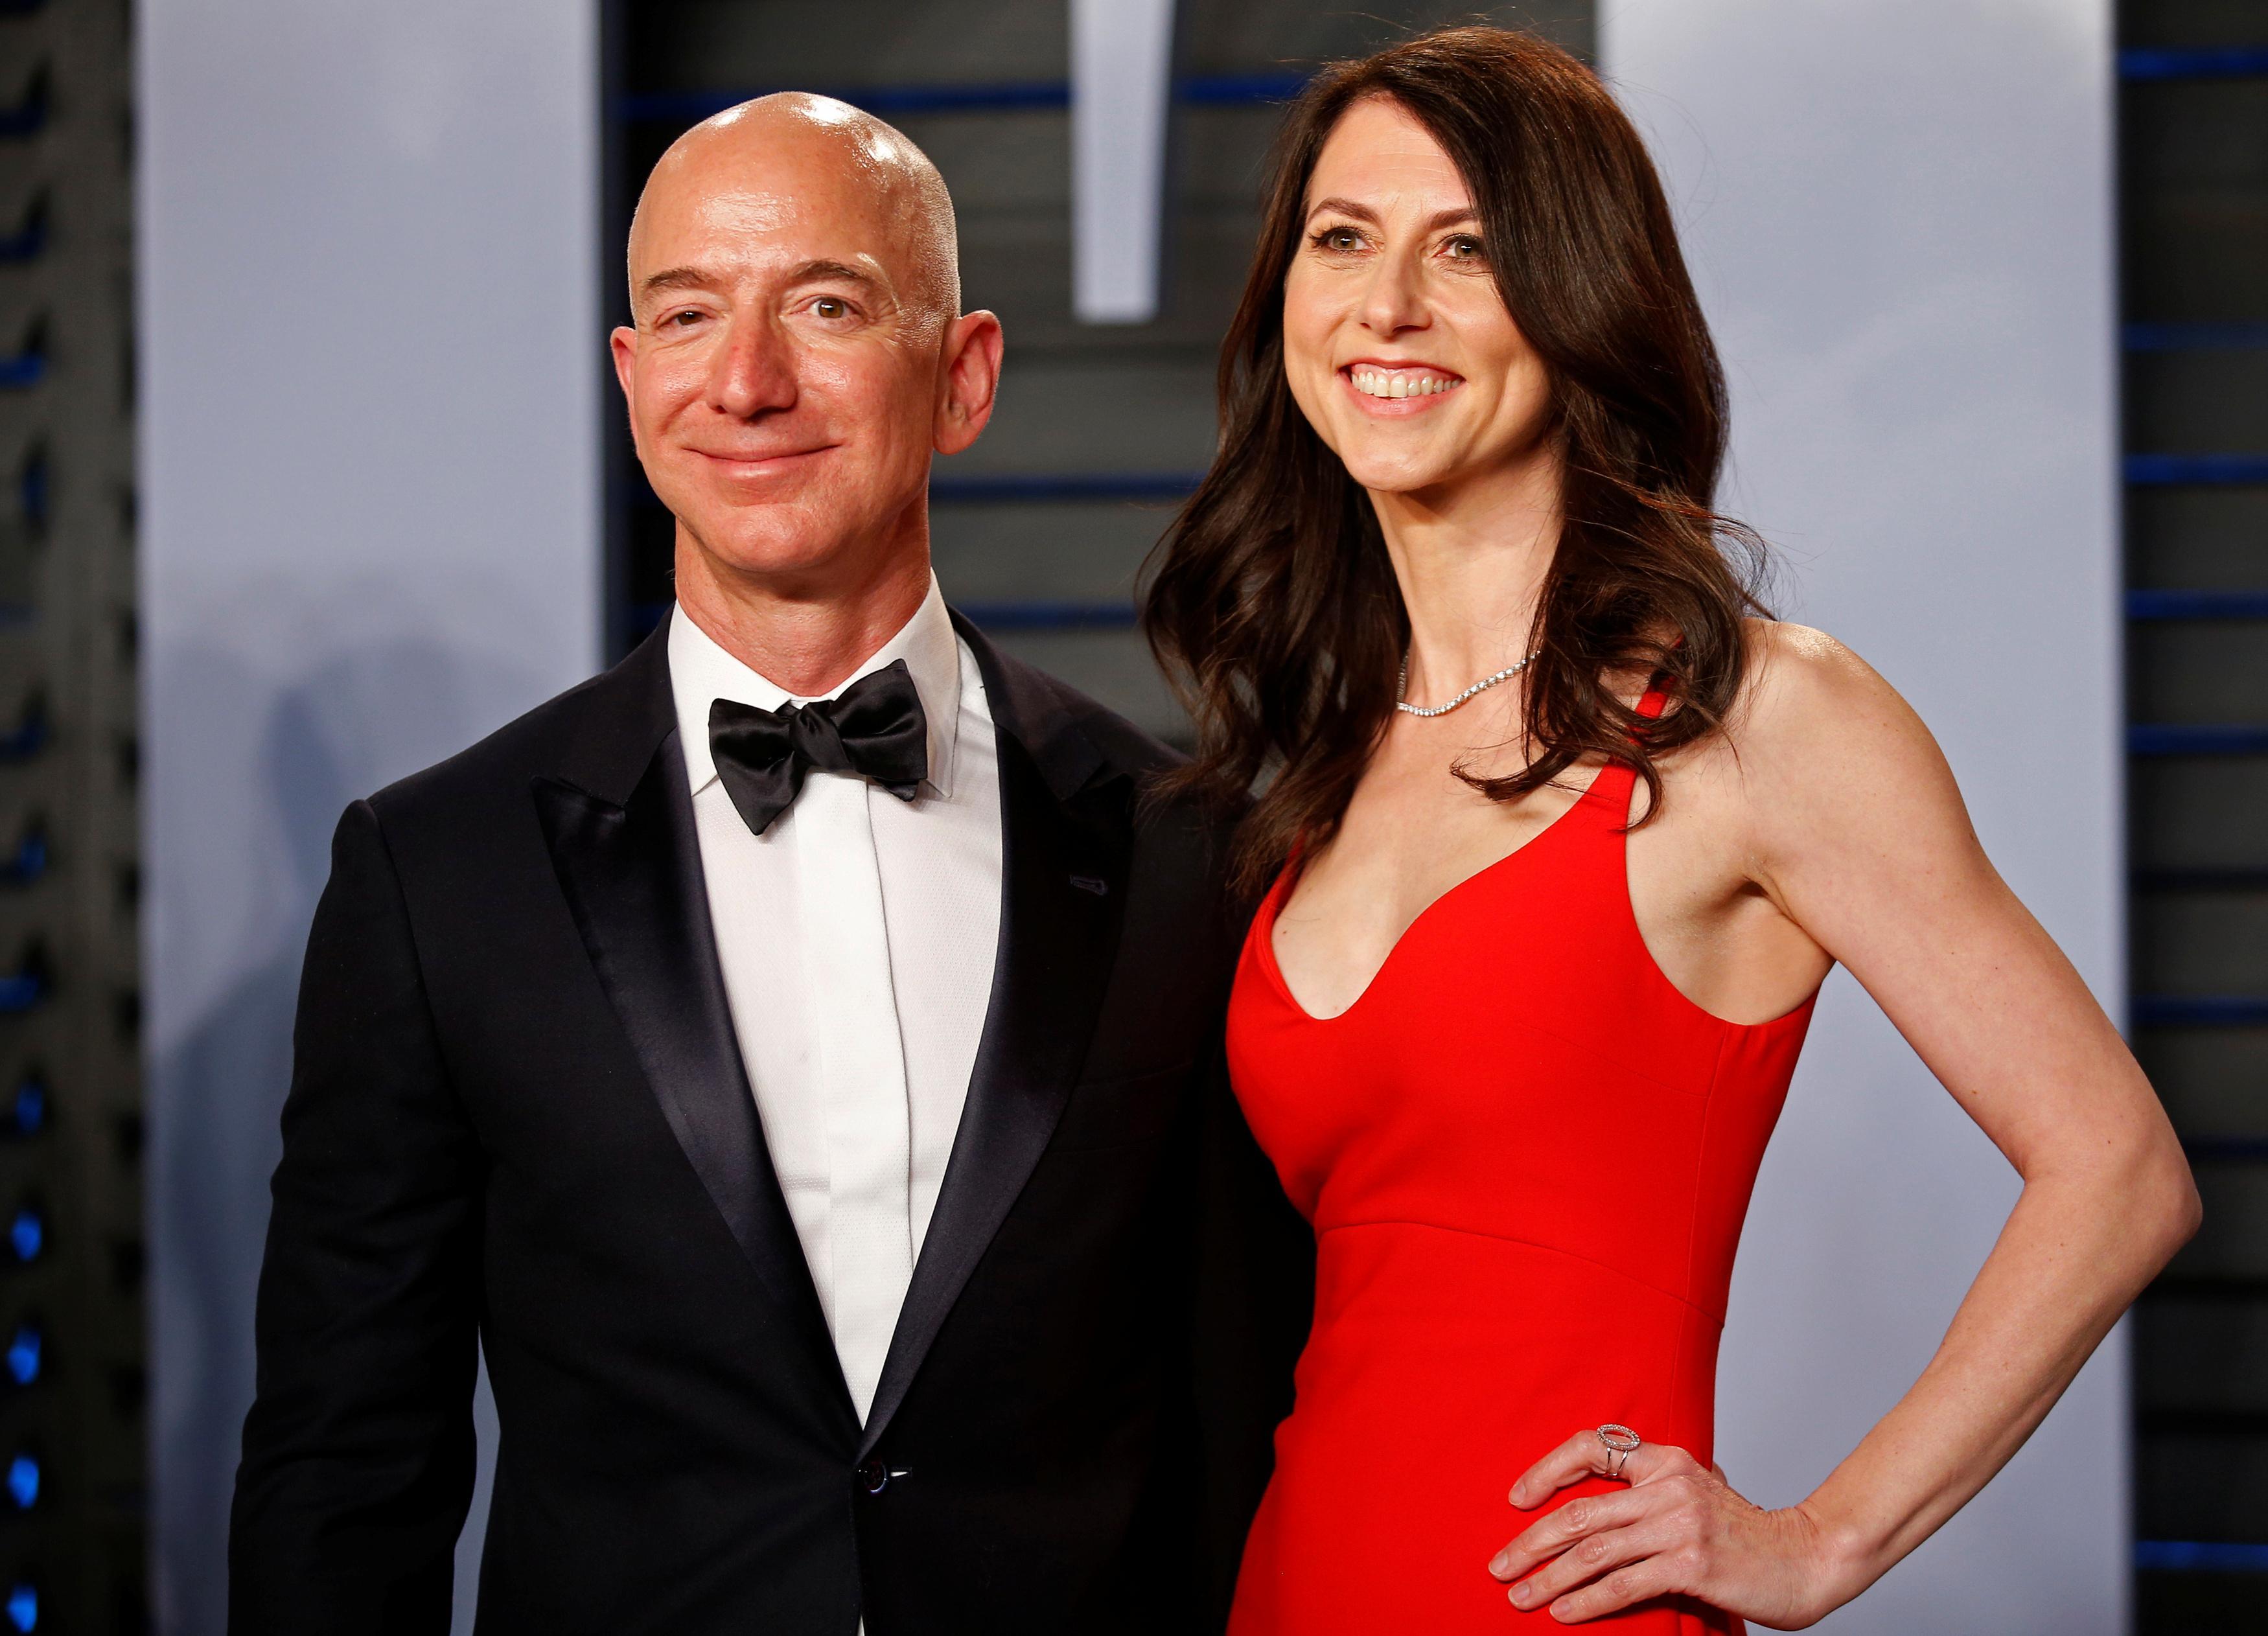 ベゾス氏離婚問題が投資家に波紋 アマゾン株やや不安定な動き - ロイター